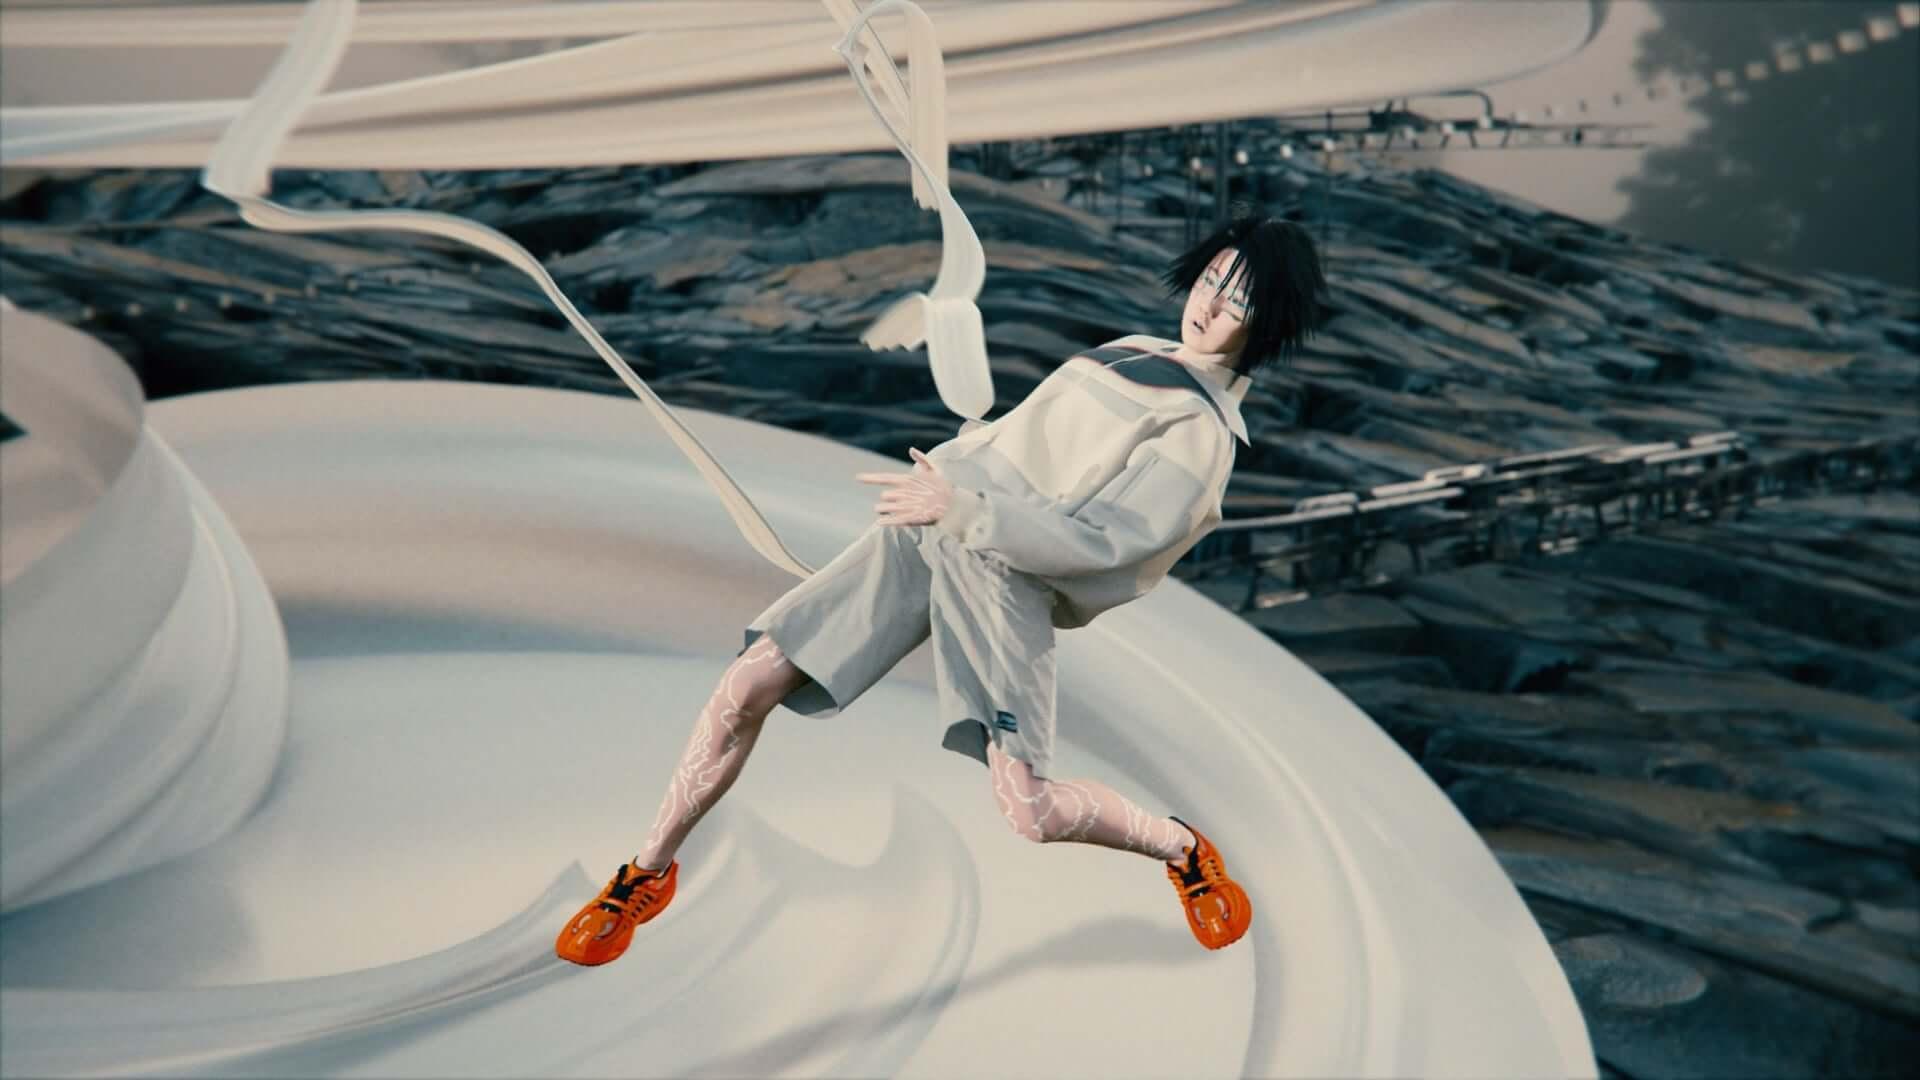 中国のスポーツブランド・LI-NINGがバーチャルショーのランウェイ映像を公開!メディアアーティストのルー・ヤンも参加 lf201007_li-ning_49-1920x1080